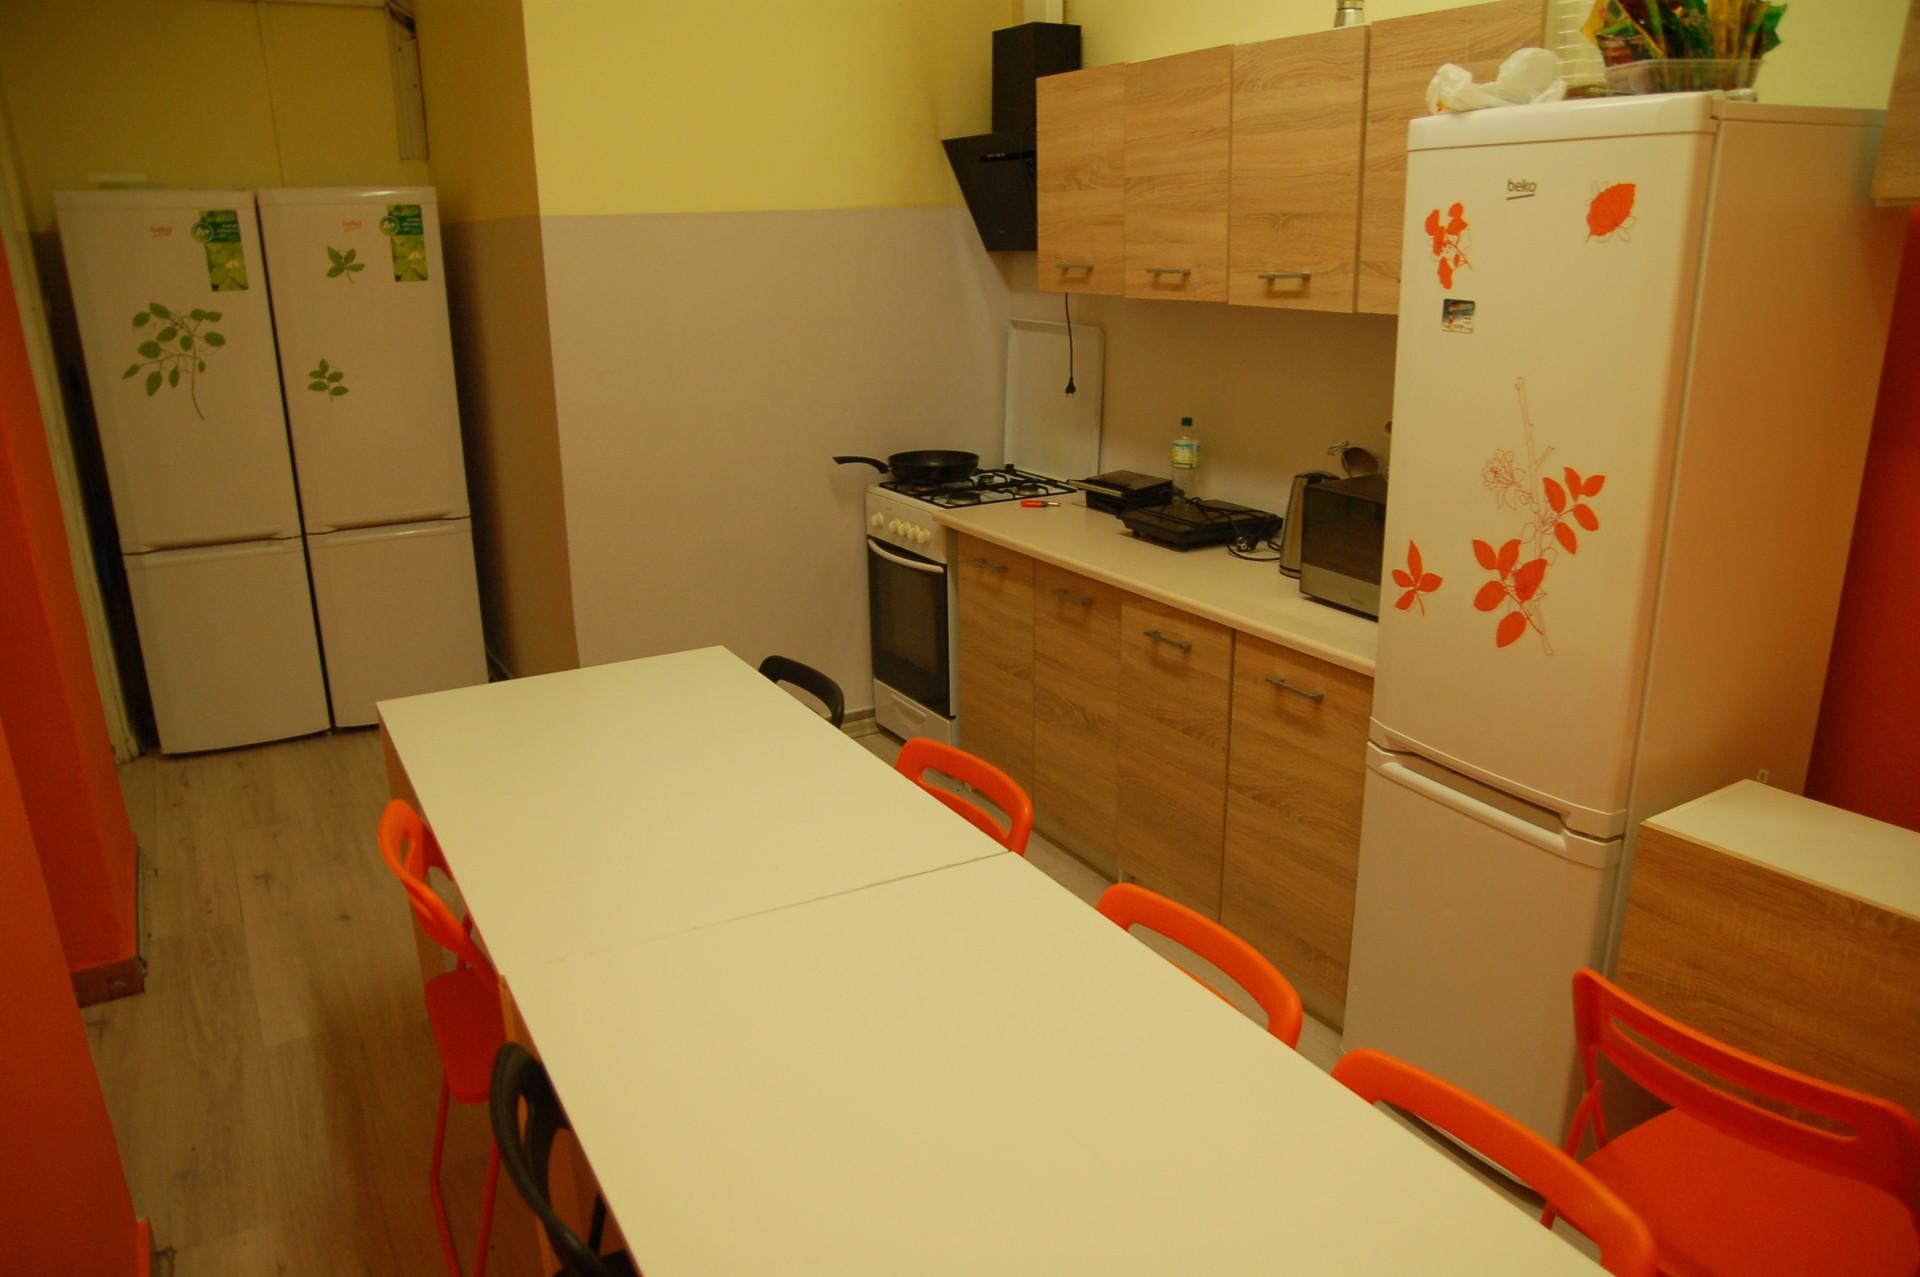 family-erasmus-center-rooms-student-international-hostel-dormitory-c9beec217e6ea8a7c3560e09edf97cb0